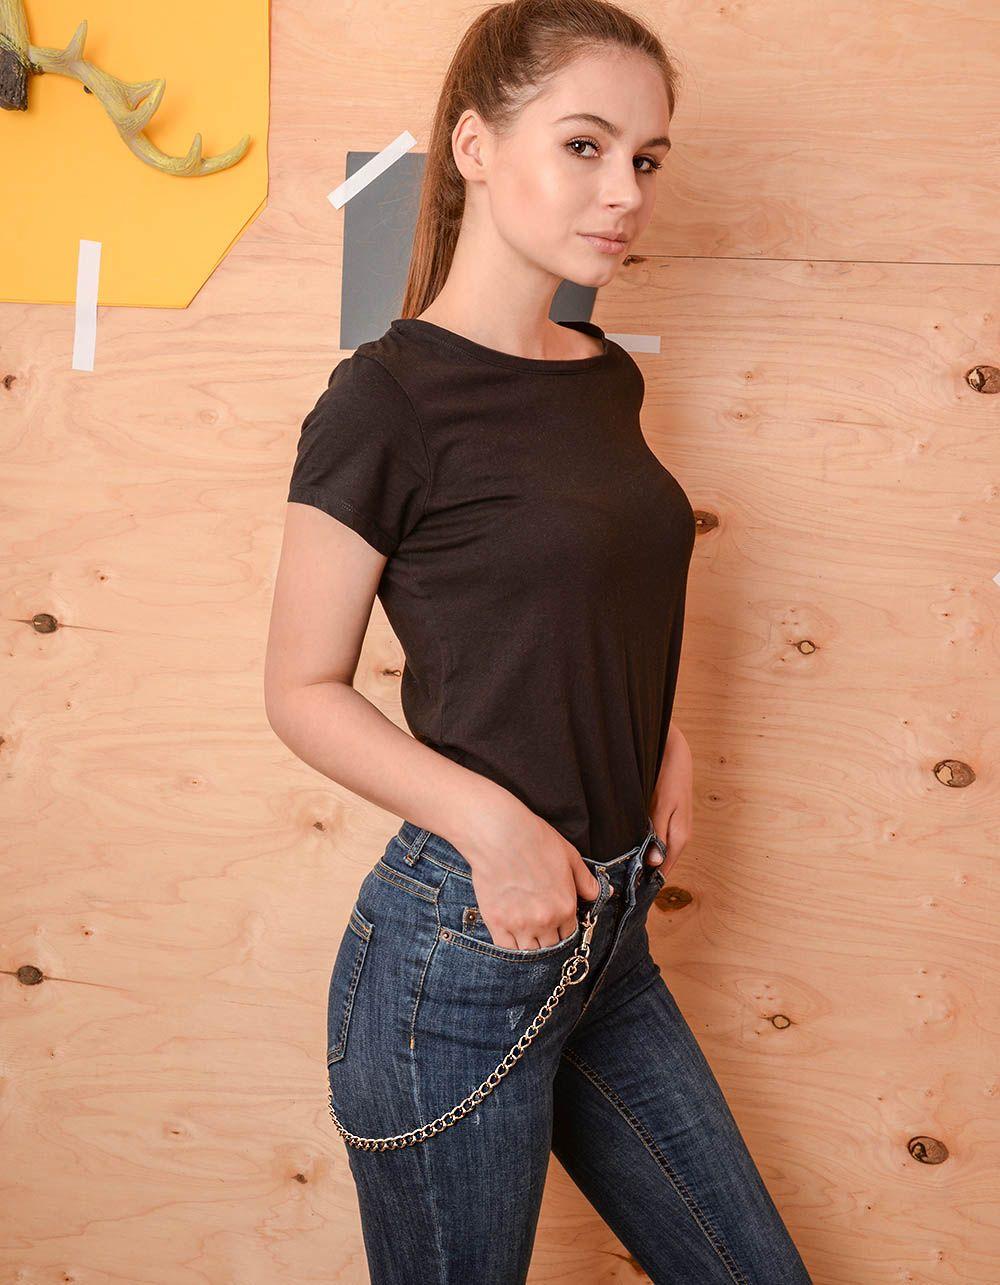 Ланцюг підвіска на брюки та джинси довгий з карабінами | 237058-05-XX